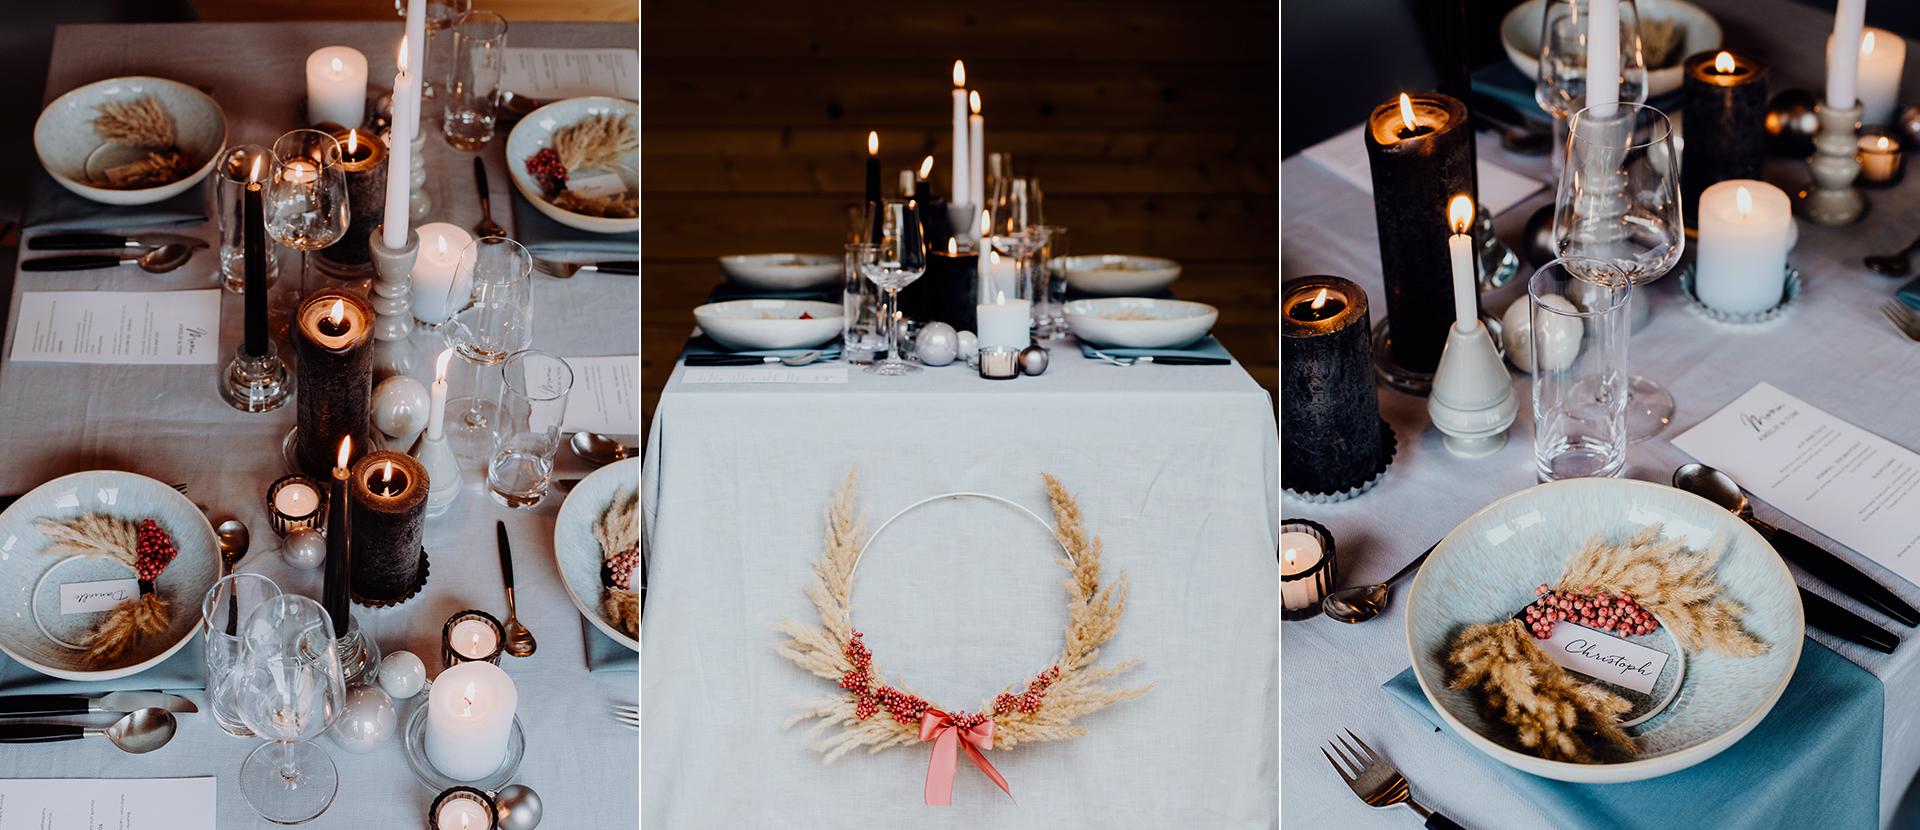 weihnachtlich andekorierter Tisch mit Geschirr, Glaesern, Kerzen und Dekoration von Stylistin Mariska Ruemmelein MooiDekoration und Nicola Honer von Farbgold. Foodfotografie Katrin Winner Muenchen